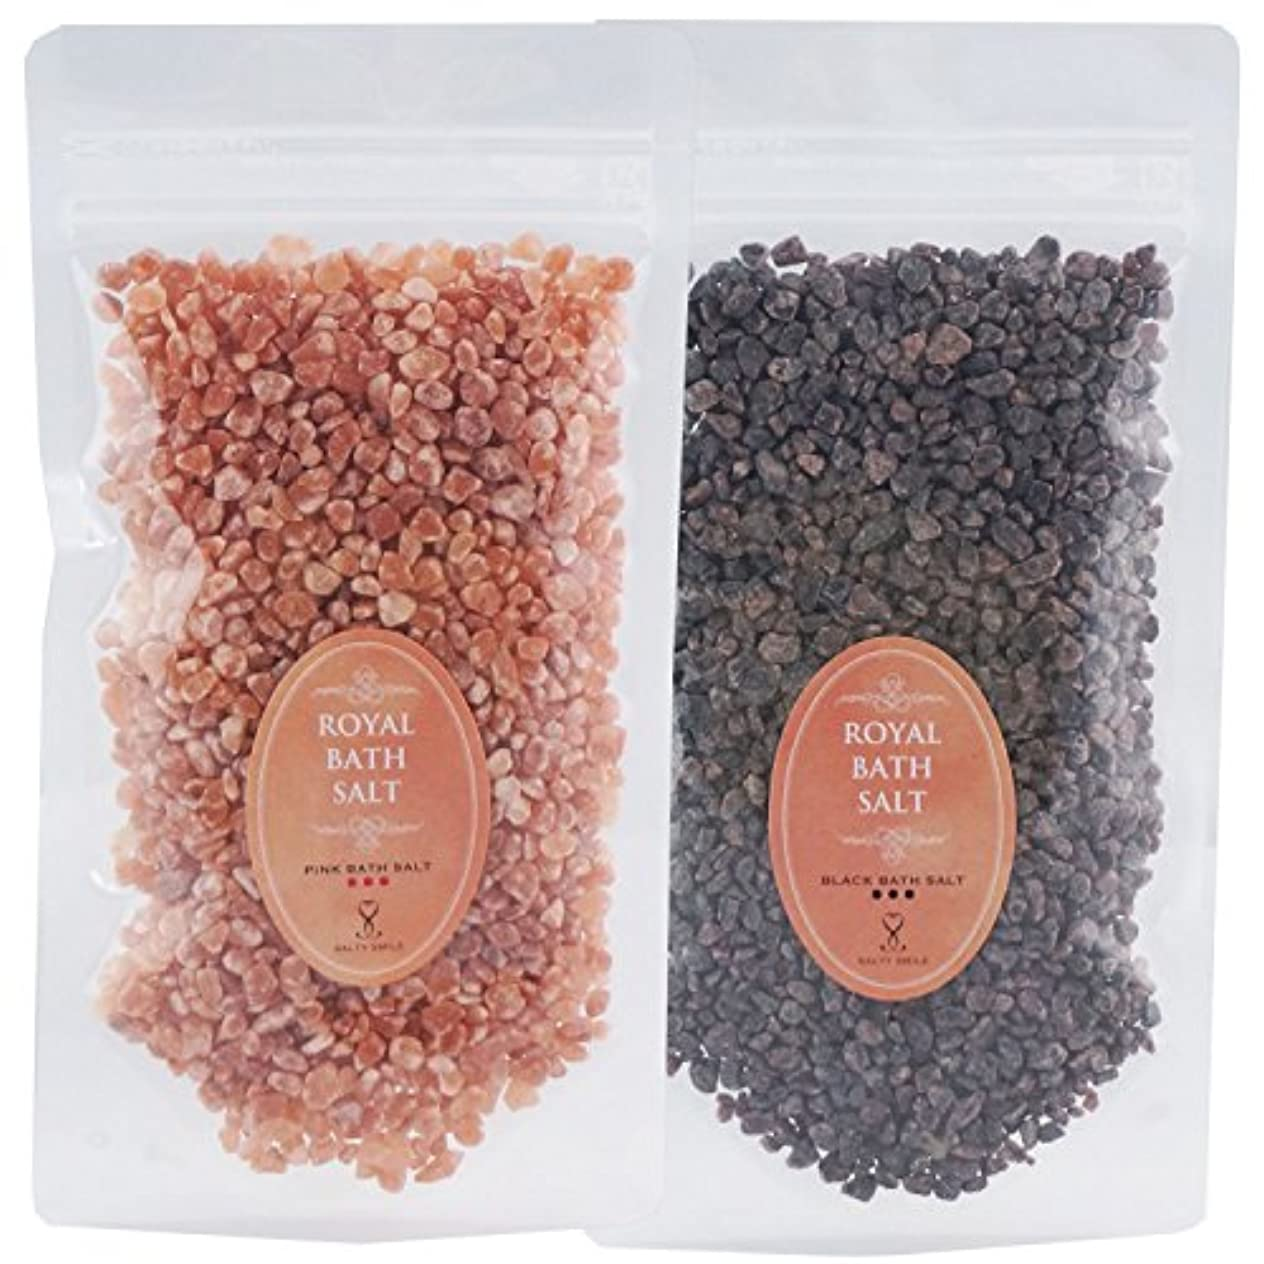 物理的に神社調和のとれたロイヤル バスソルト ヒマラヤ岩塩 ピンク ブラック グレイン 各200g 粗粒 ROYAL BATH SALT